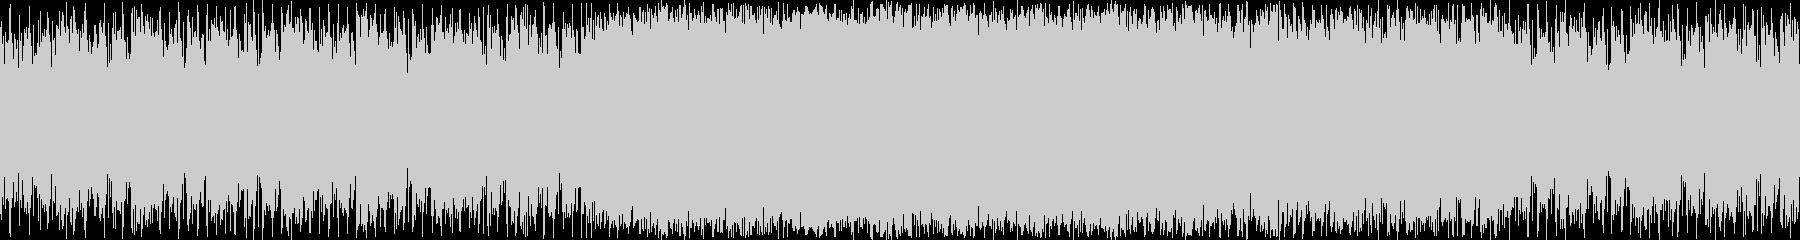 暗めのエレクトロBGMの未再生の波形